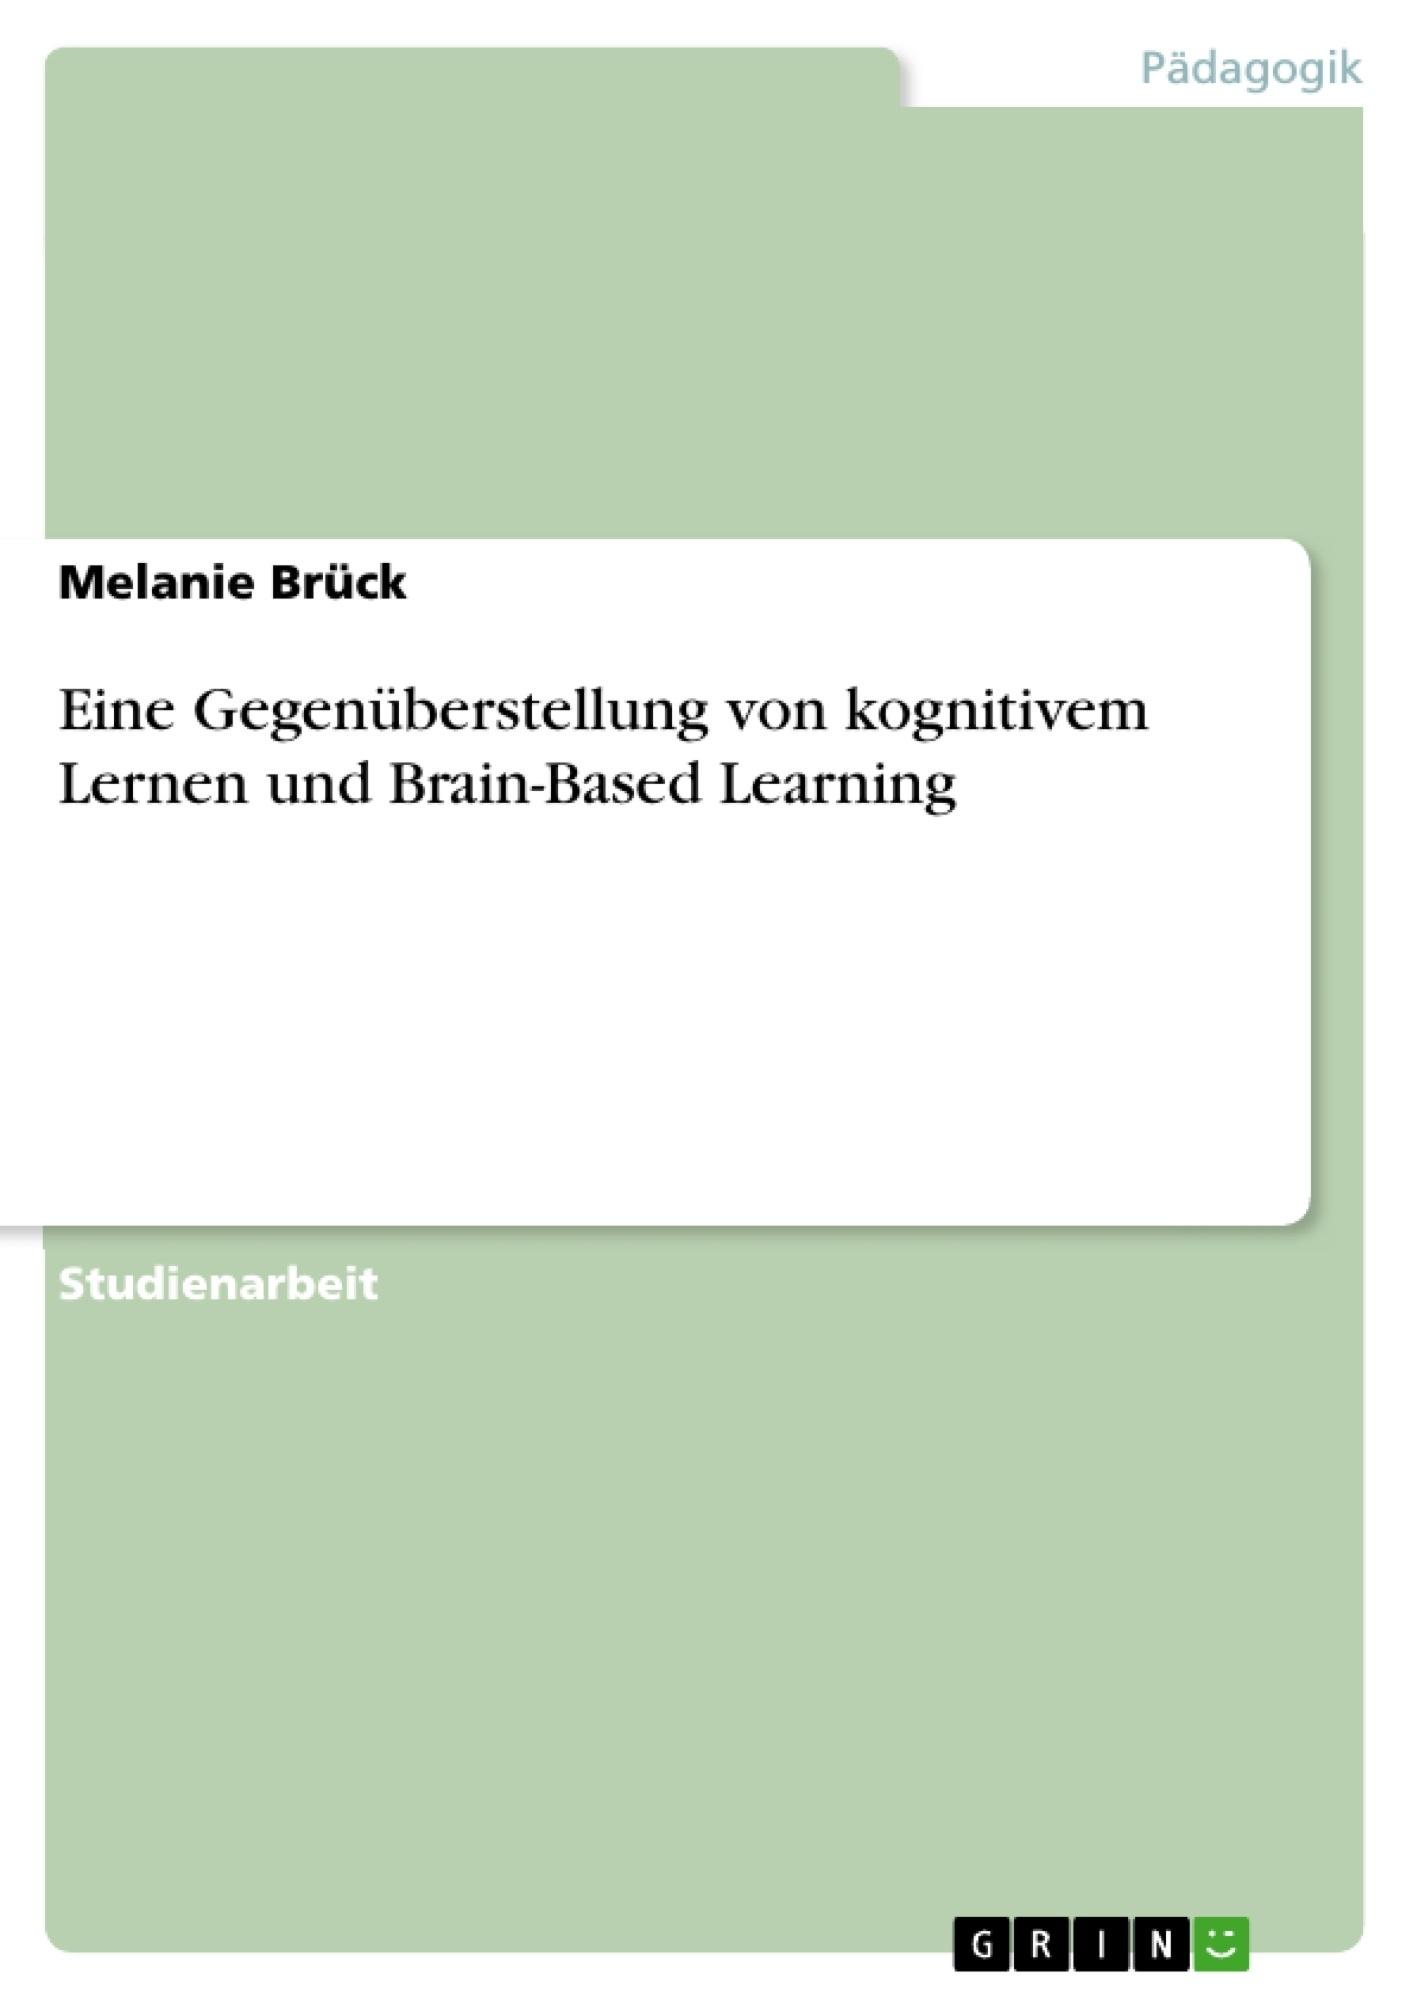 Titel: Eine Gegenüberstellung von kognitivem Lernen und Brain-Based Learning